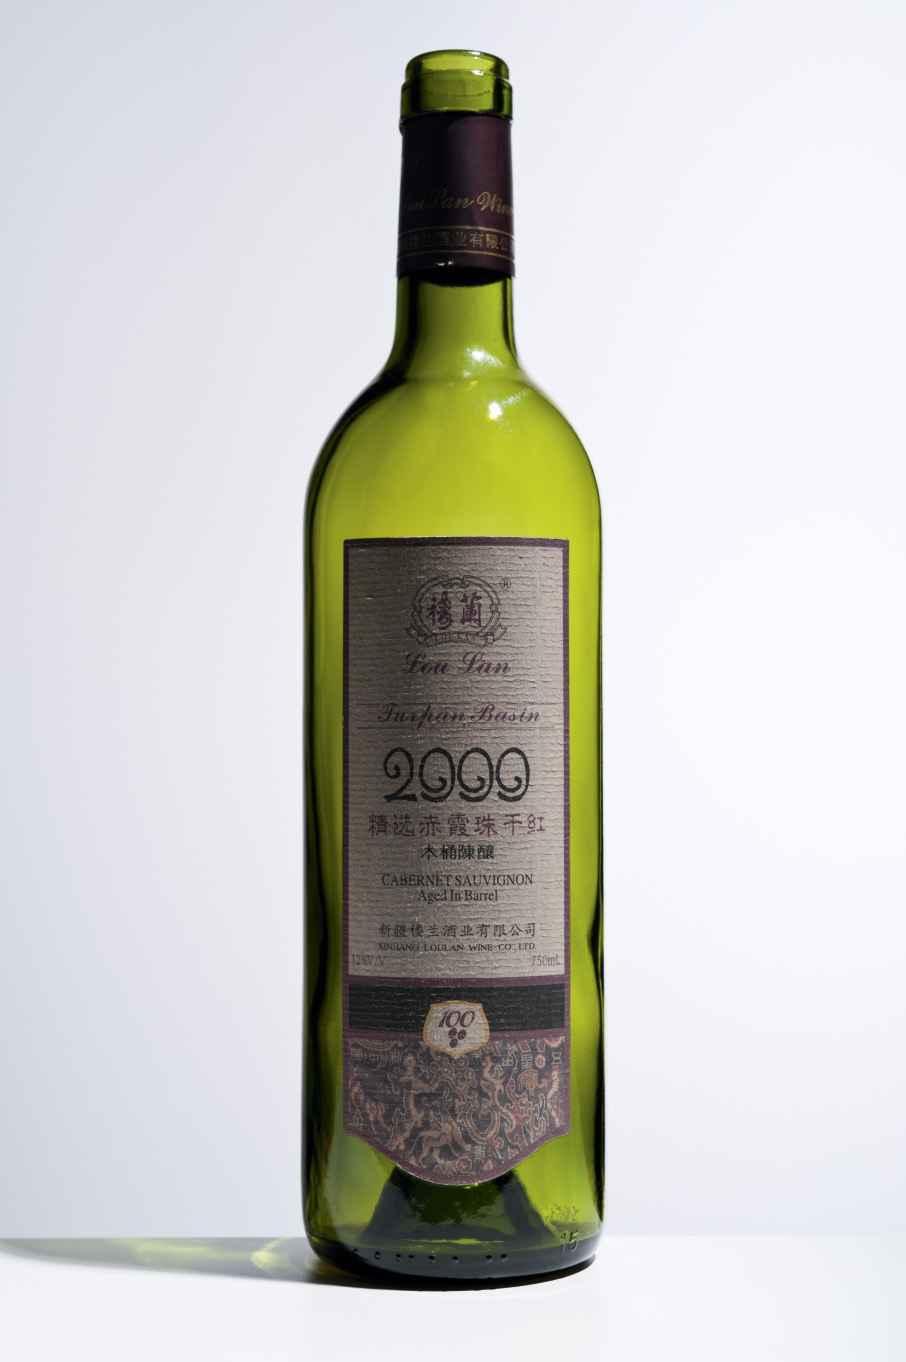 2000 Cabernet Sauvignon, Foto: Andrea Thode; Lizenzvereinbarung: Nutzung nur auf Effilee